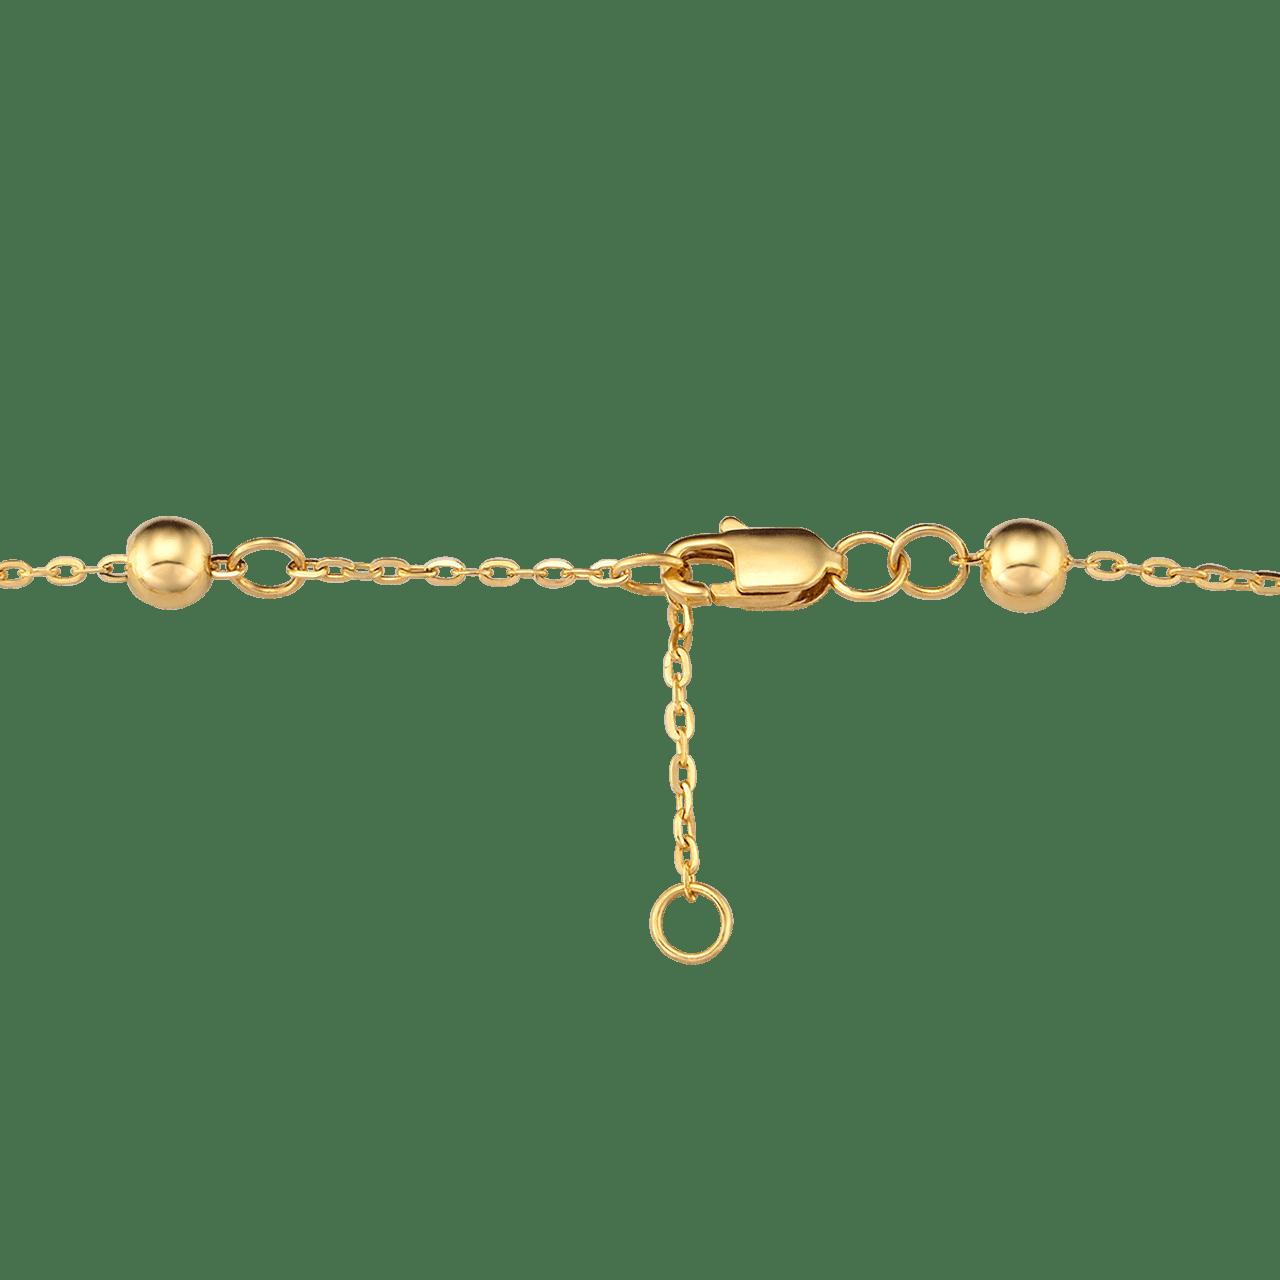 Lắc tay Vàng 14K đính ngọc trai Freshwater PNJ PF00Y000001